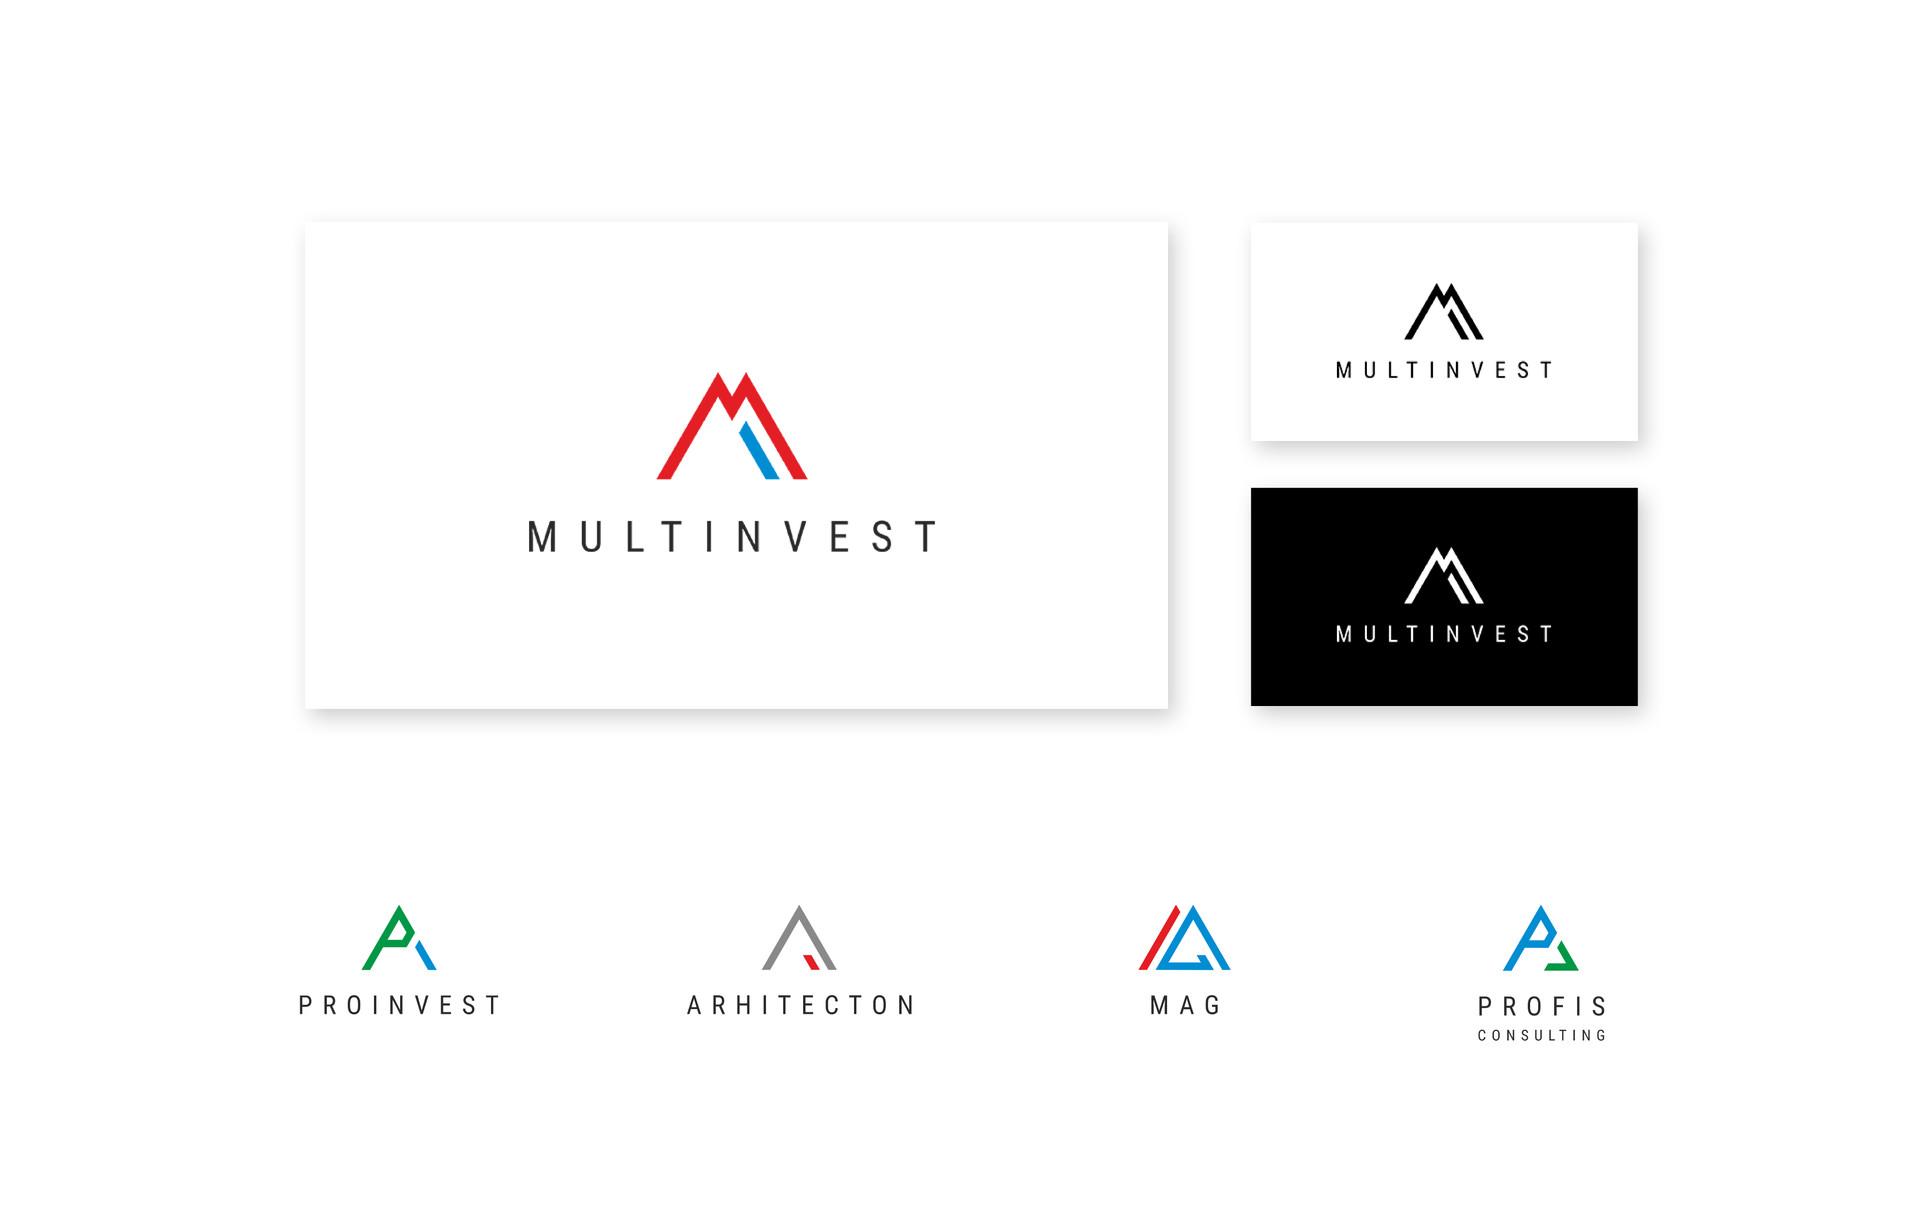 Multinvest 02